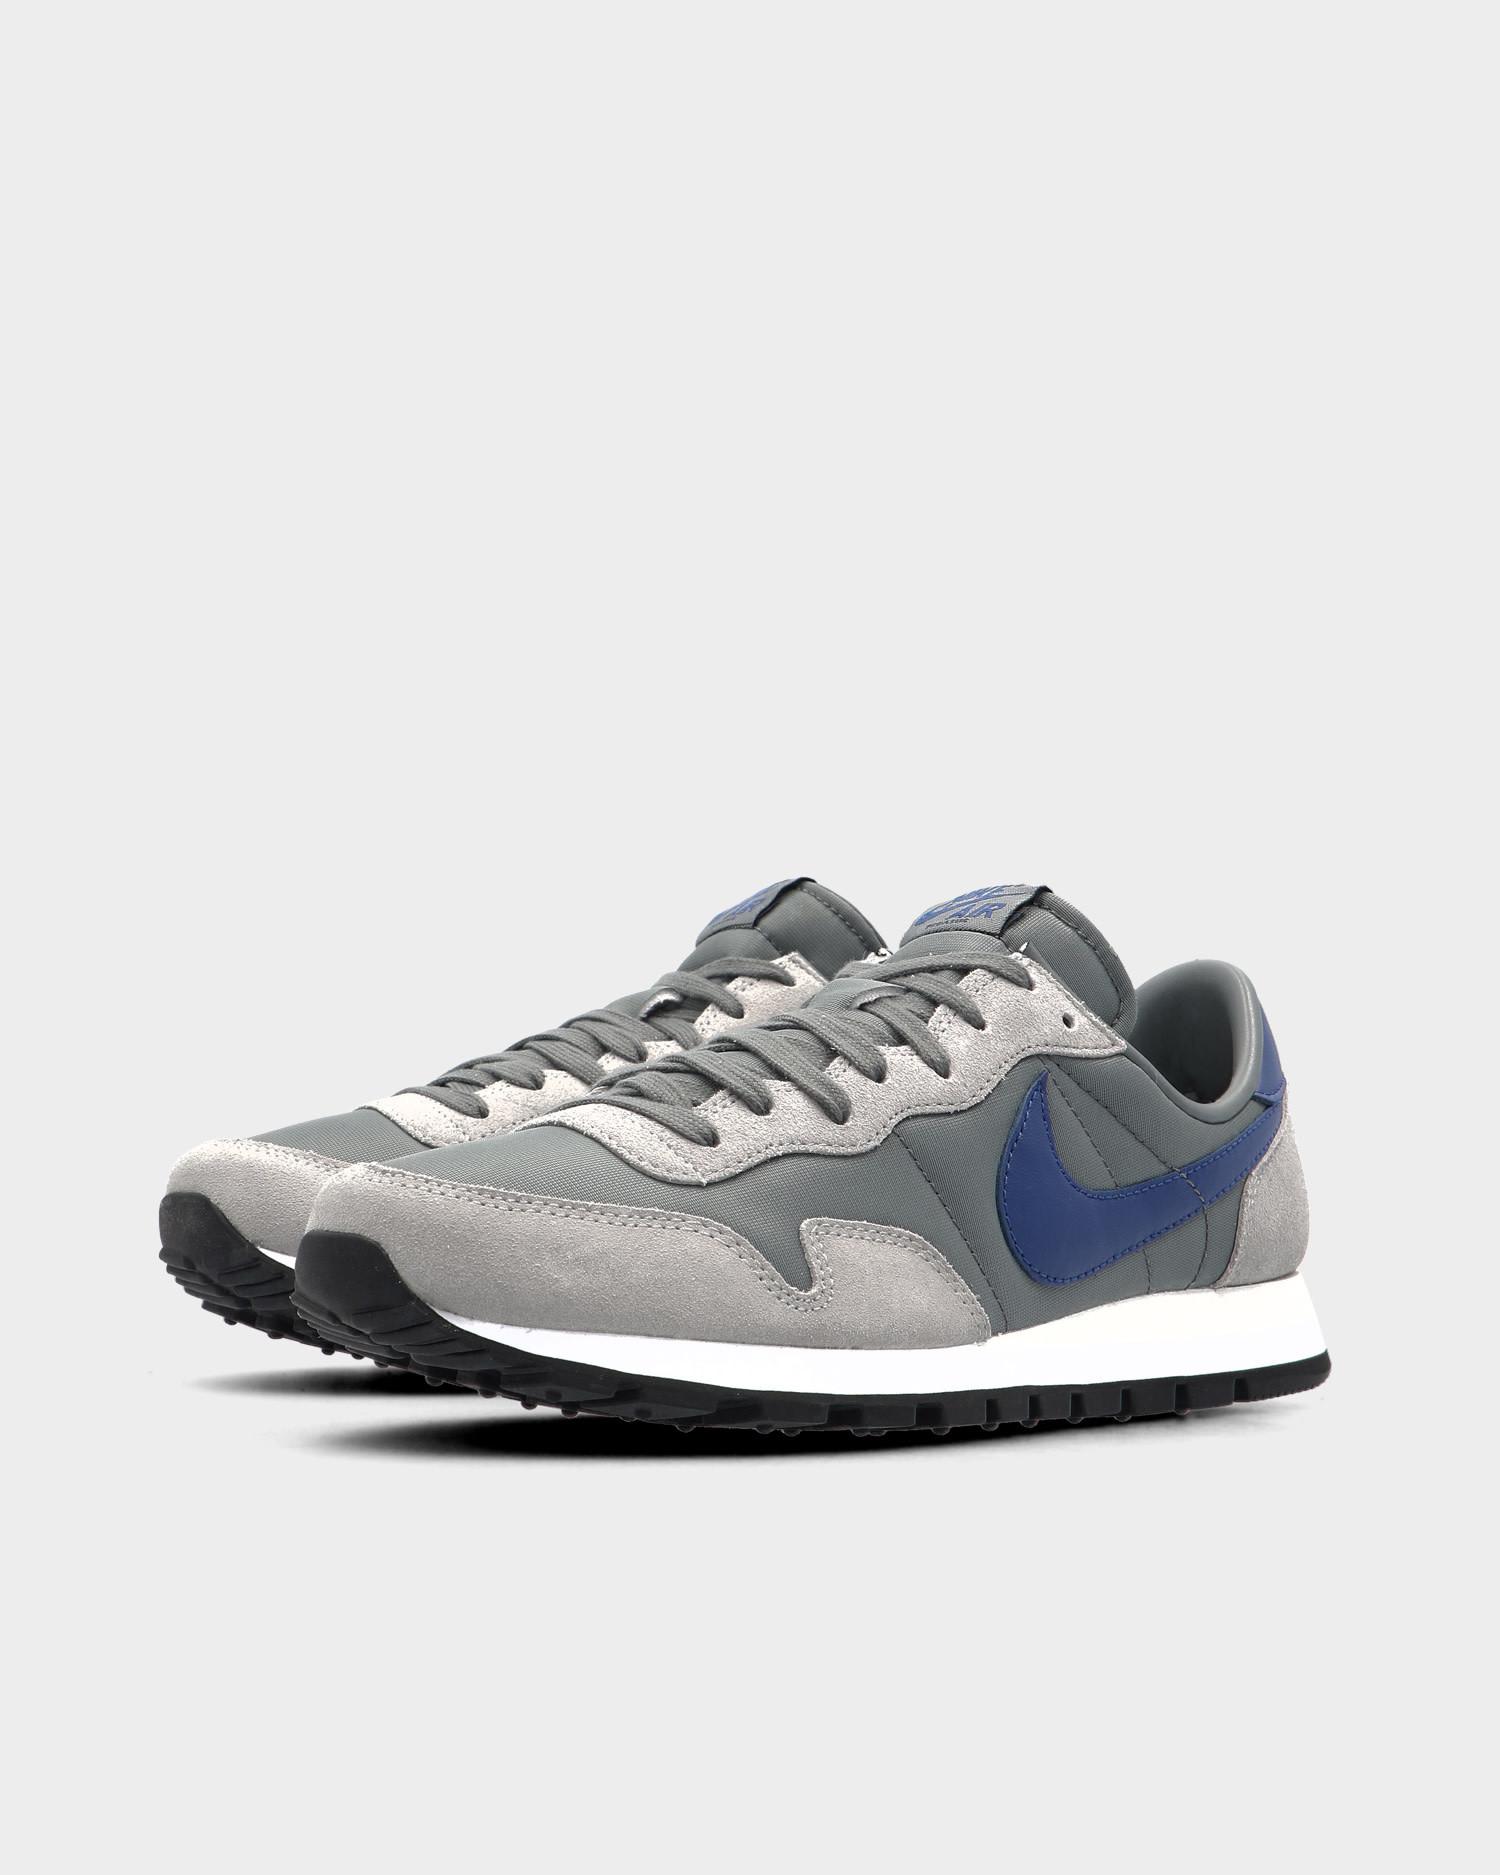 Nike Air Pegasus'83 Smoke grey/blue void-lt smoke grey-white